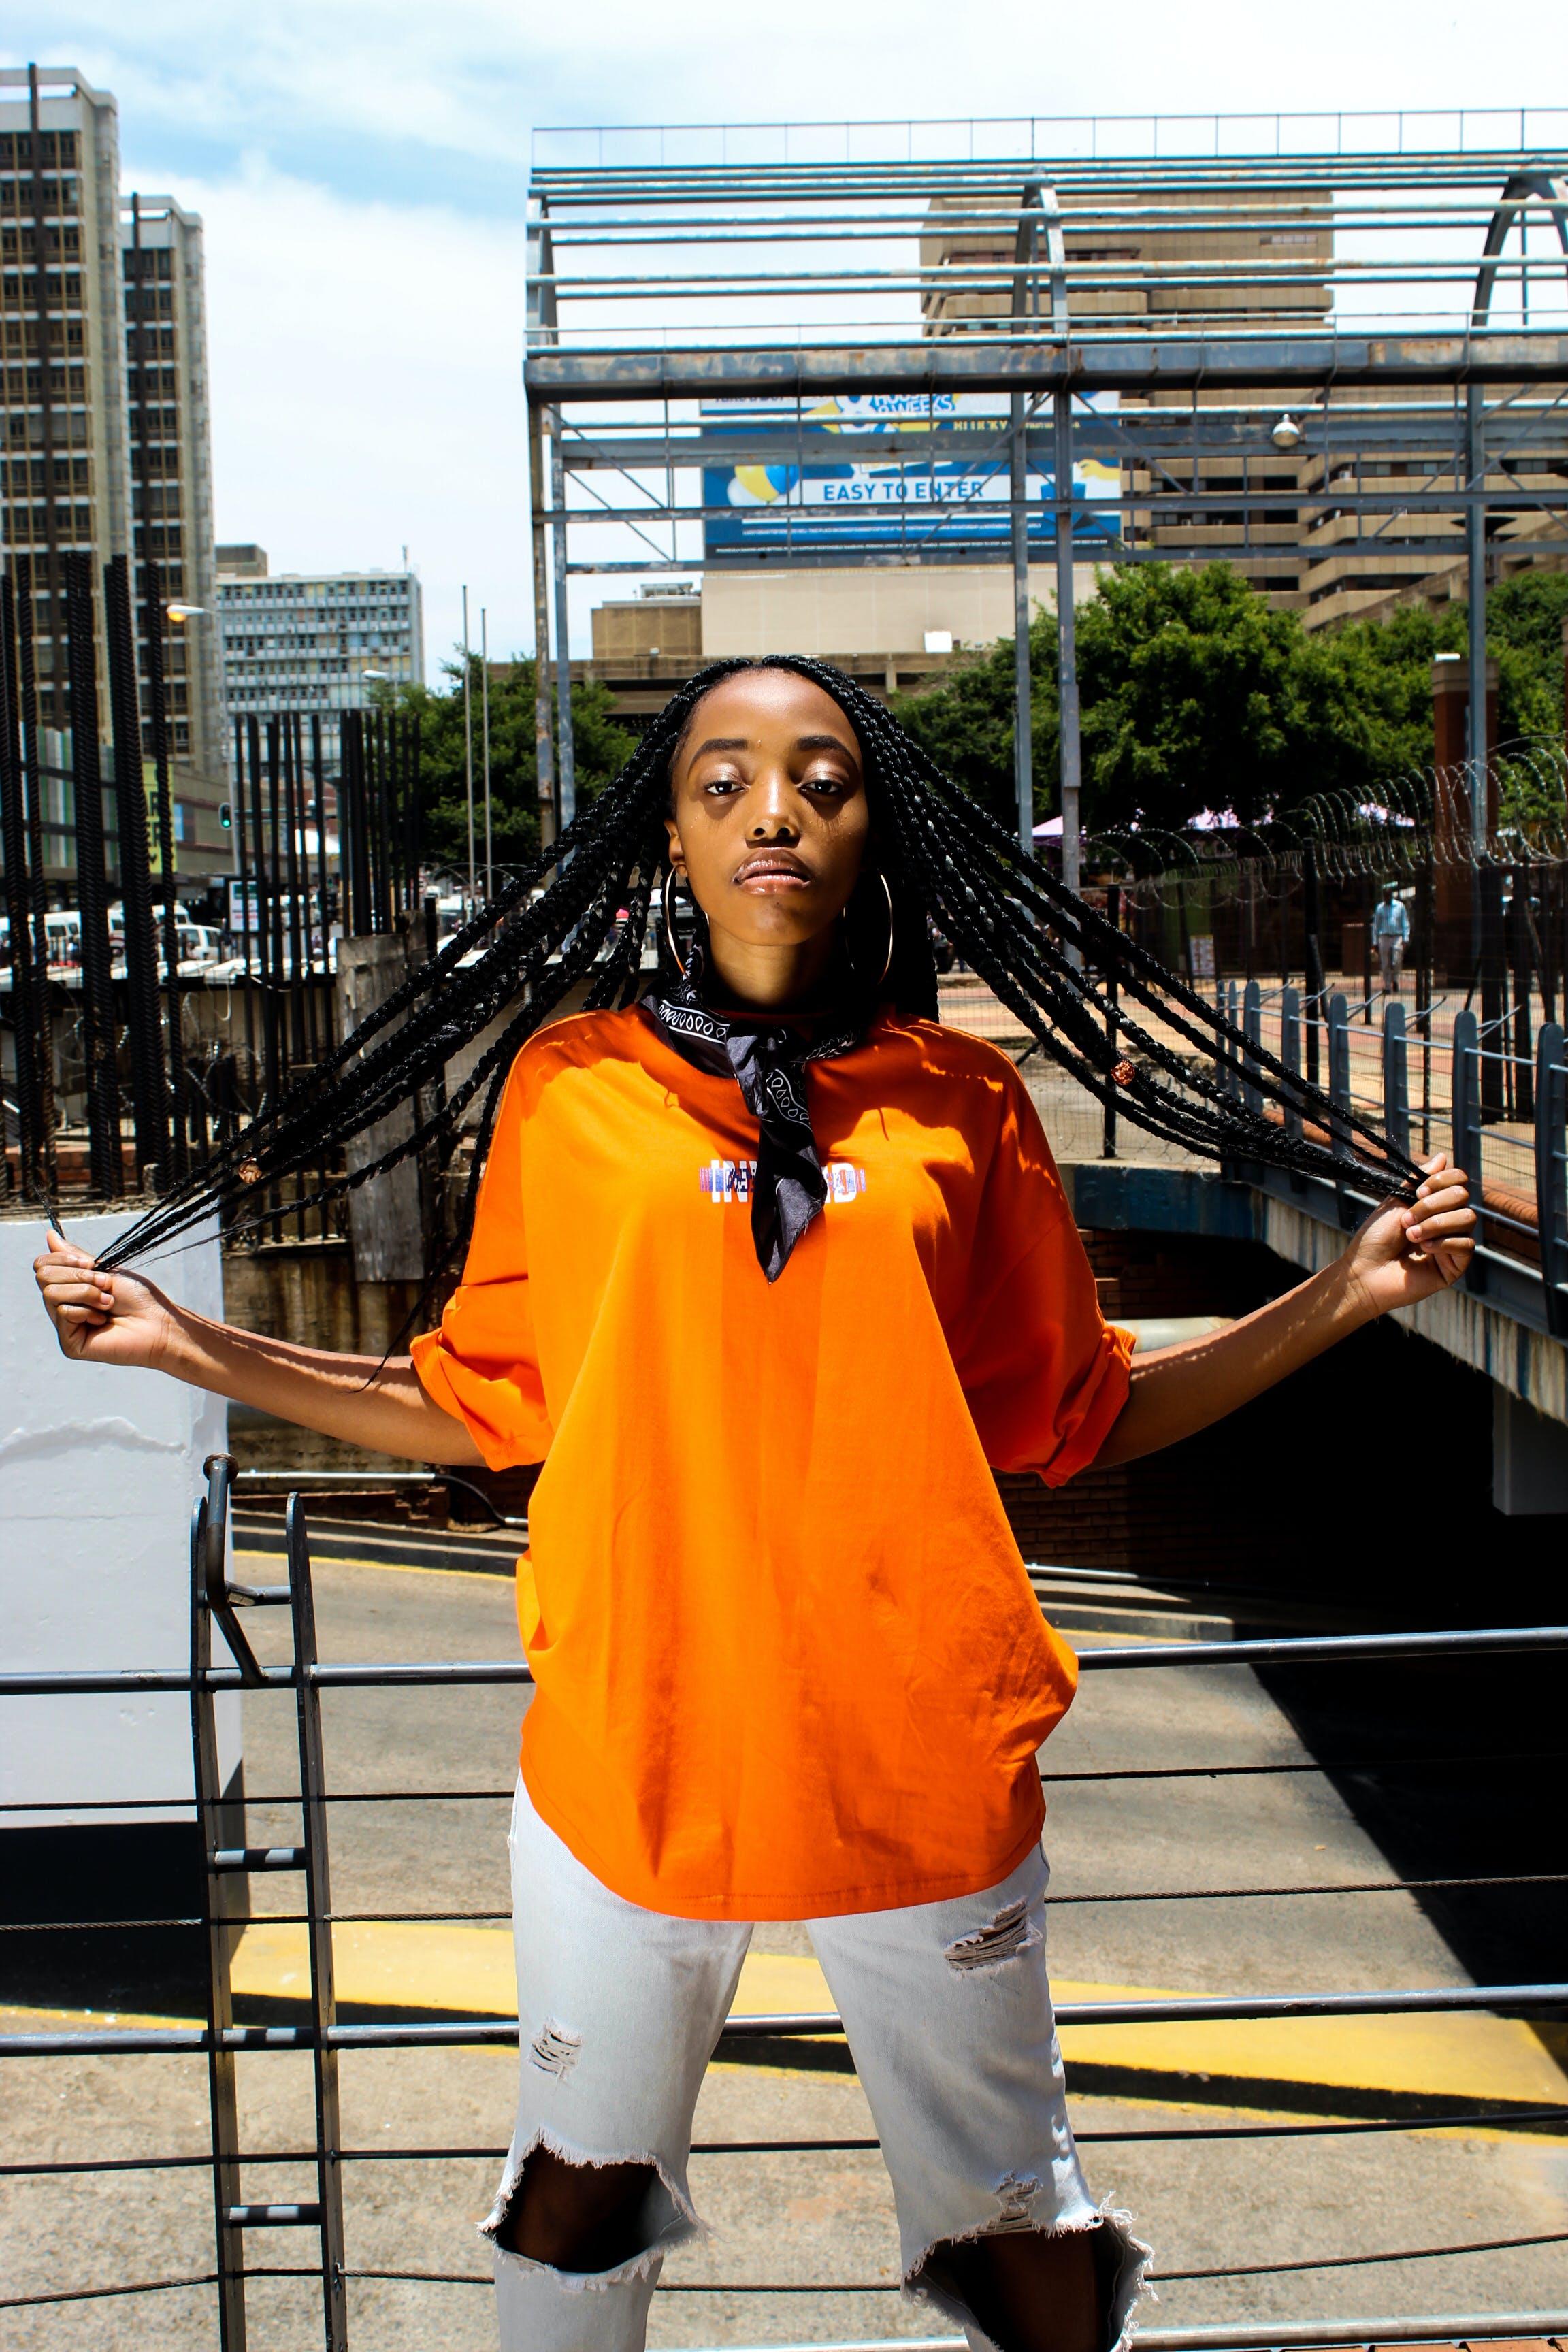 Gratis stockfoto met Afro-Amerikaans, bandana, binnenstad, fashion